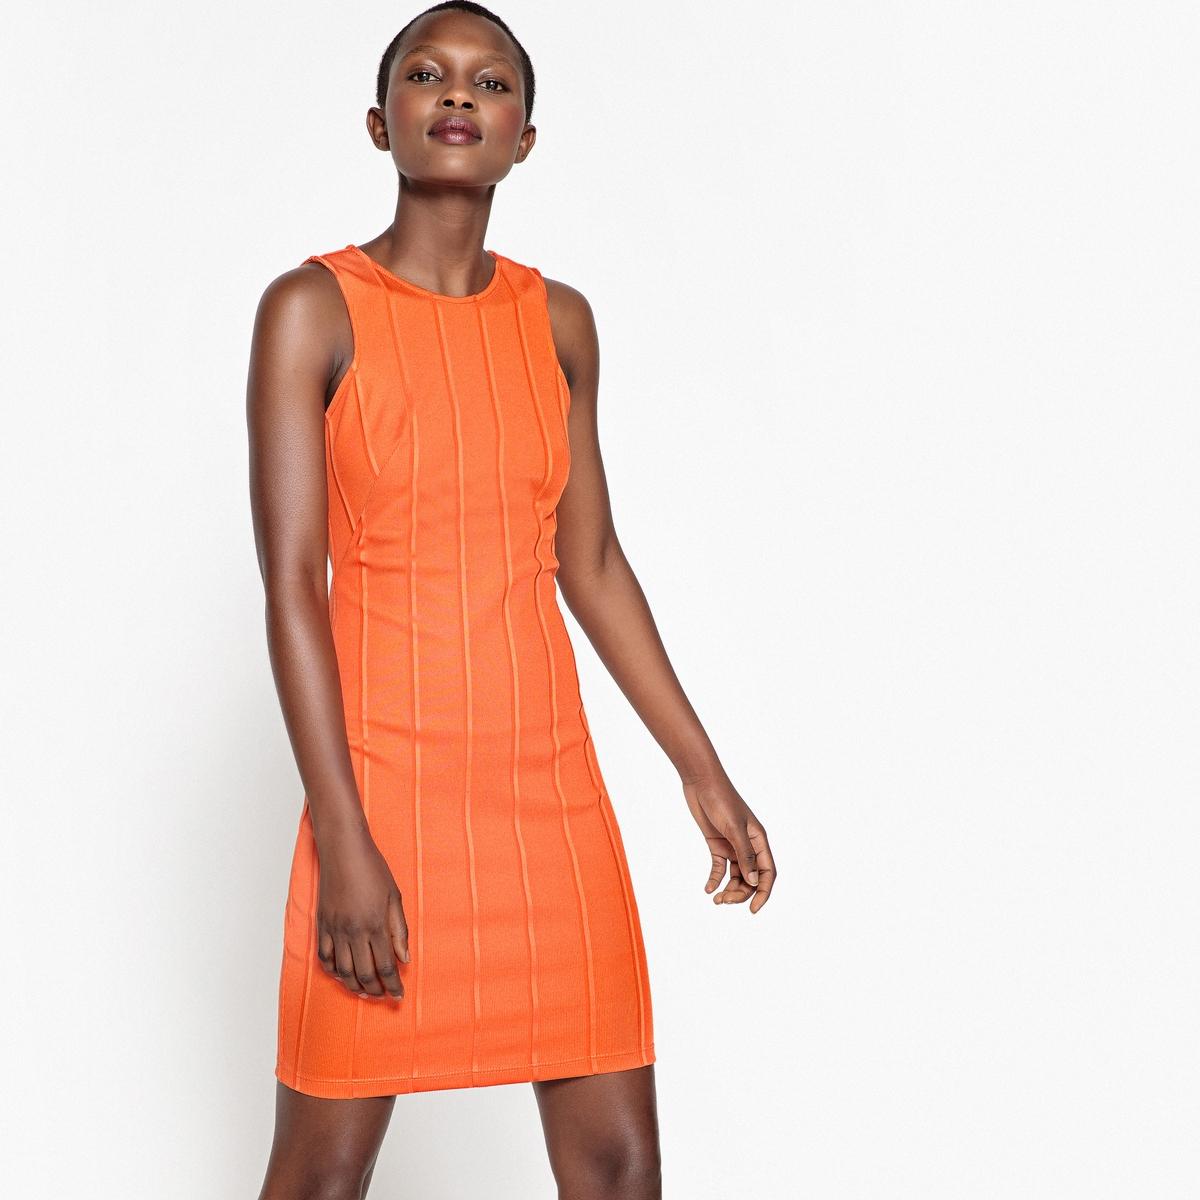 Платье облегающее однотонное короткое, без рукавов платье облегающее короткое однотонное с длинными рукавами